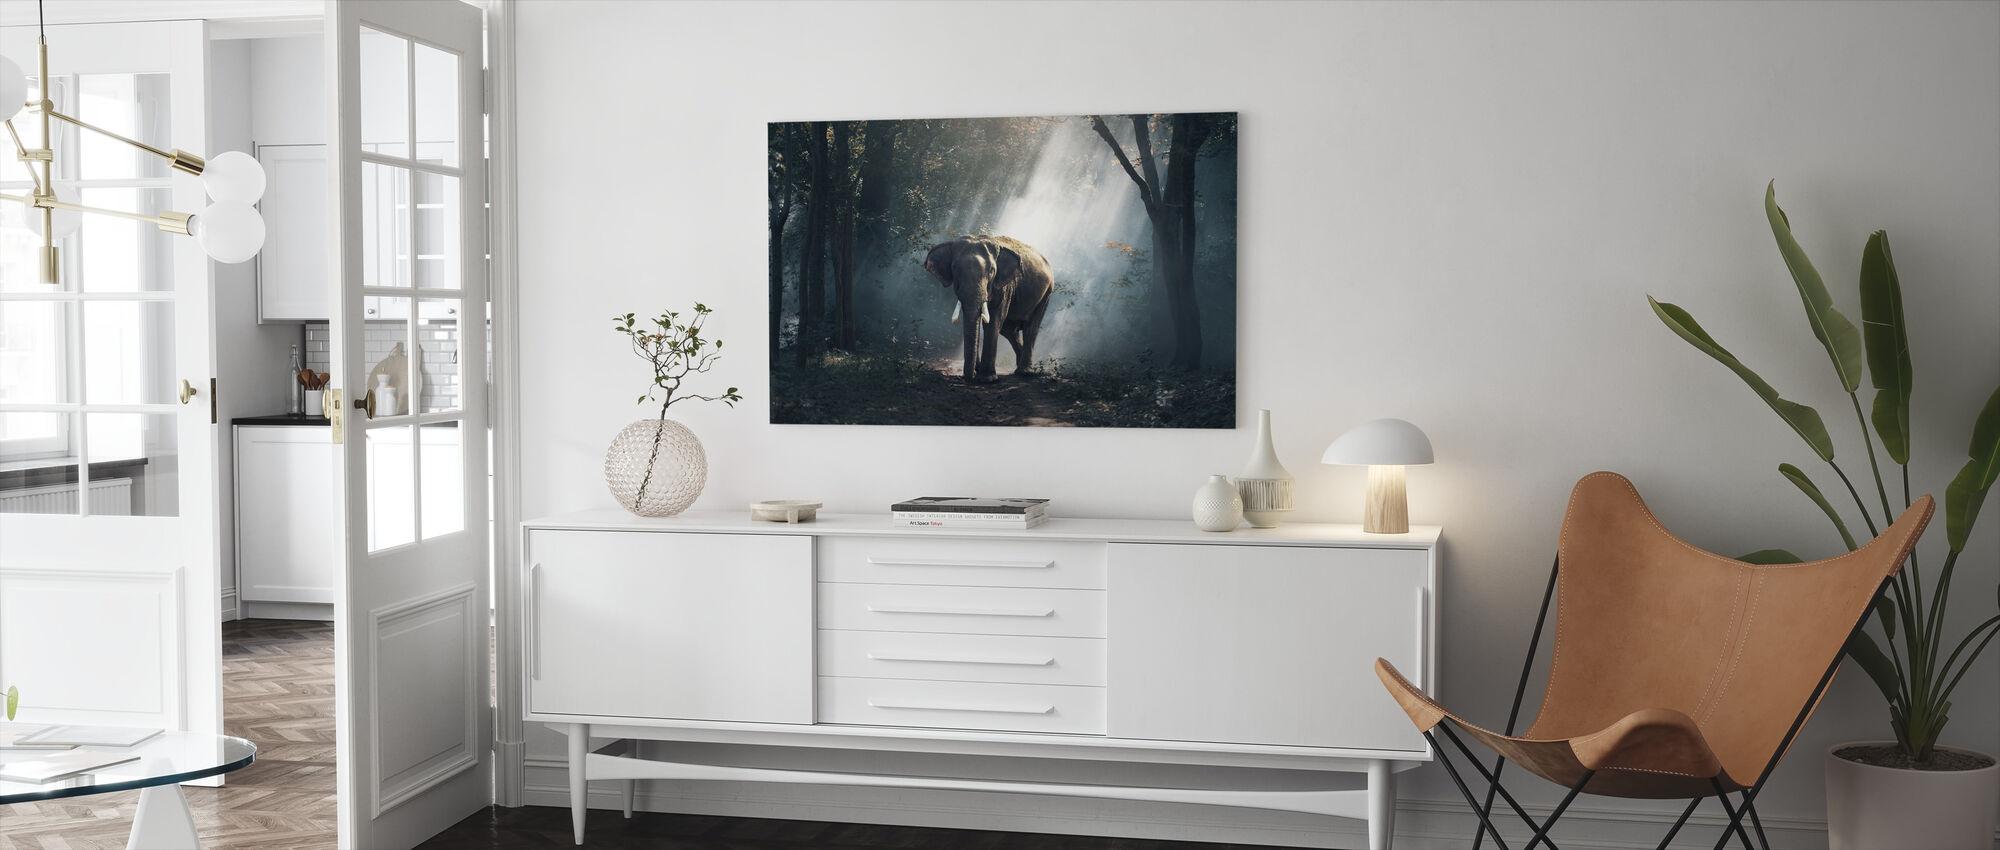 Olifant in het bos - Canvas print - Woonkamer